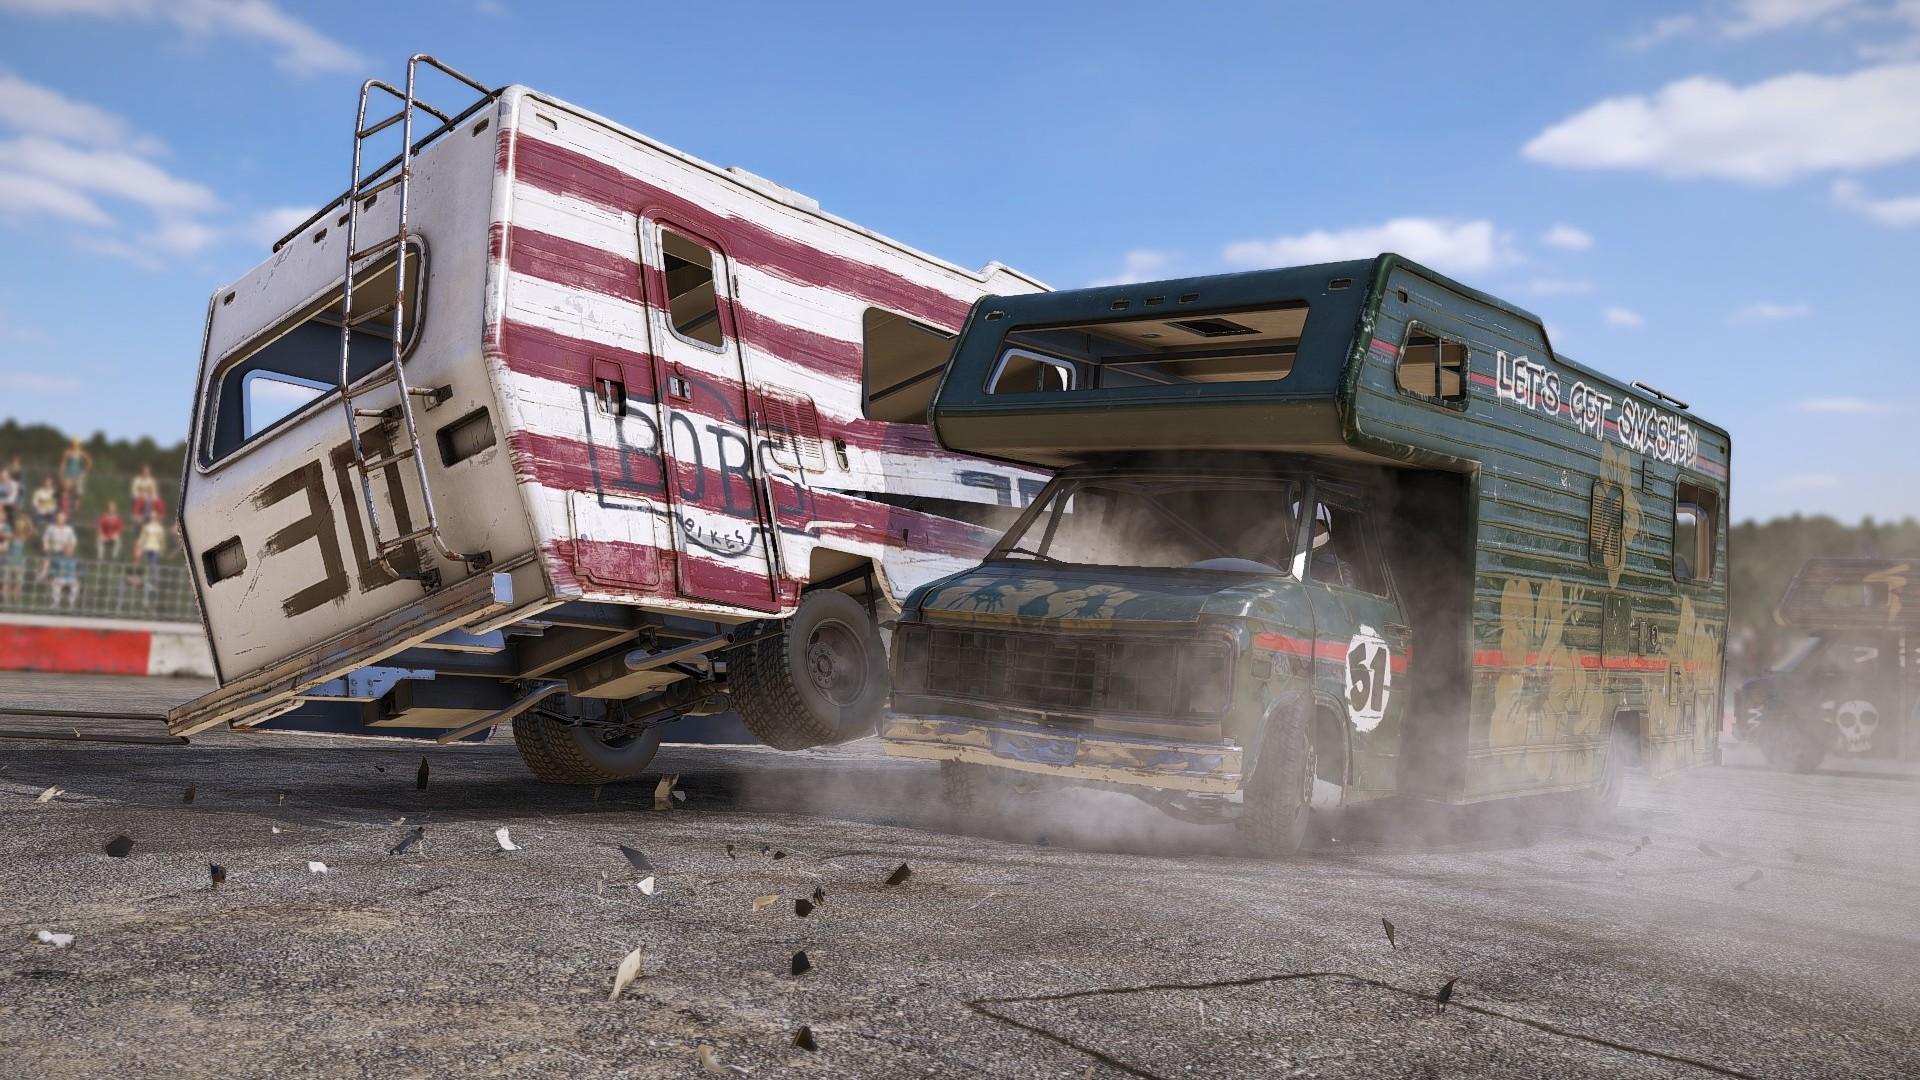 Скриншот №6 к Wreckfest Drive Hard. Die Last.